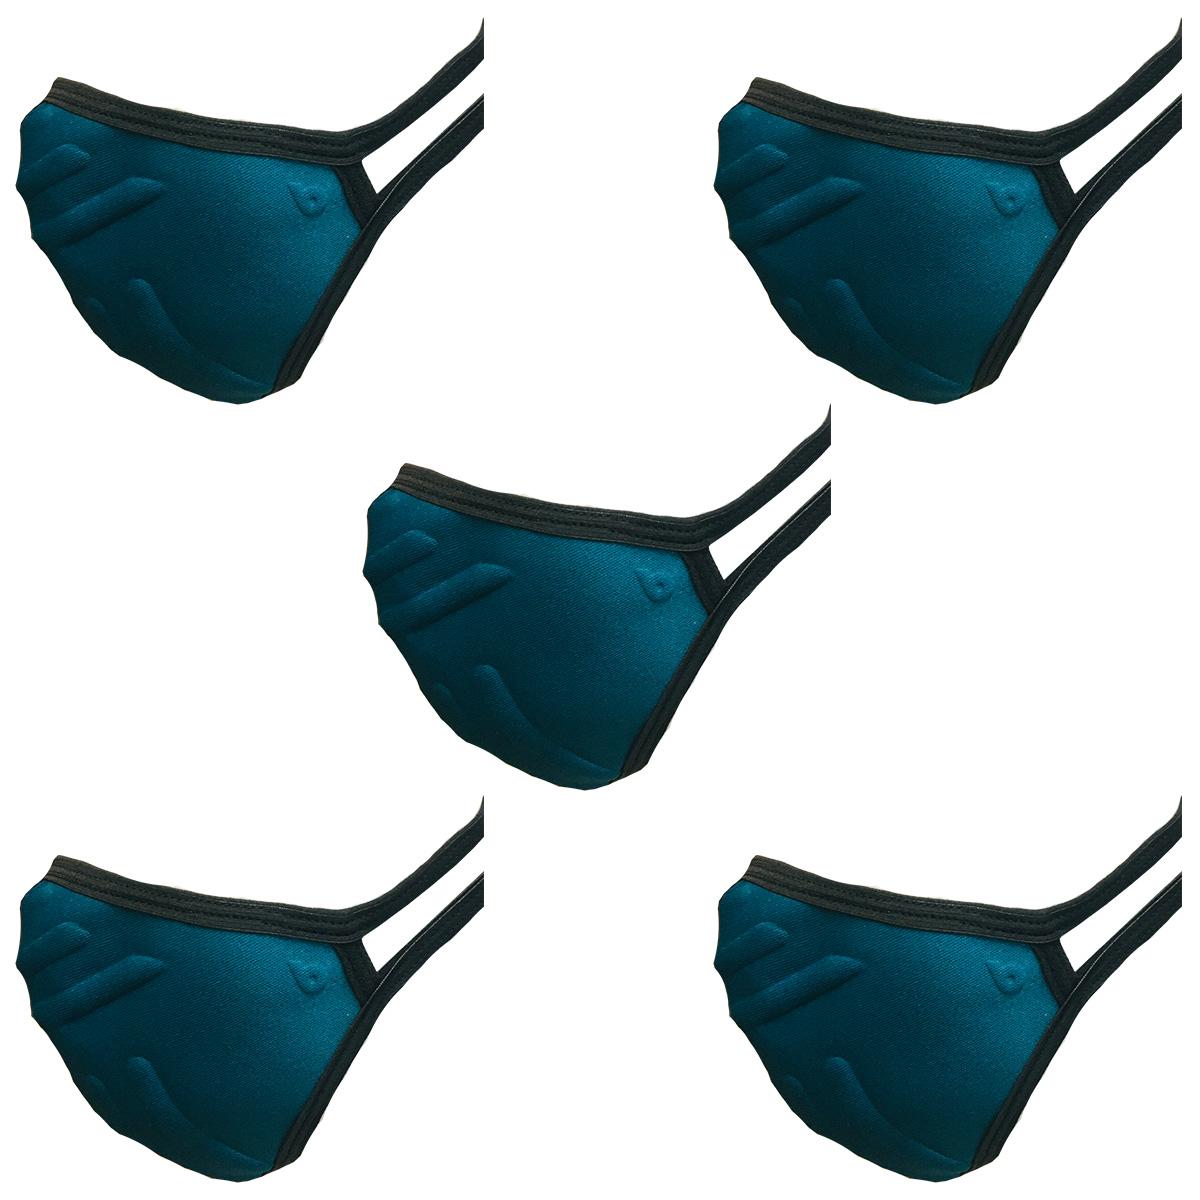 Máscara de Proteção Antiviral com 5 Unidades Reutilizável